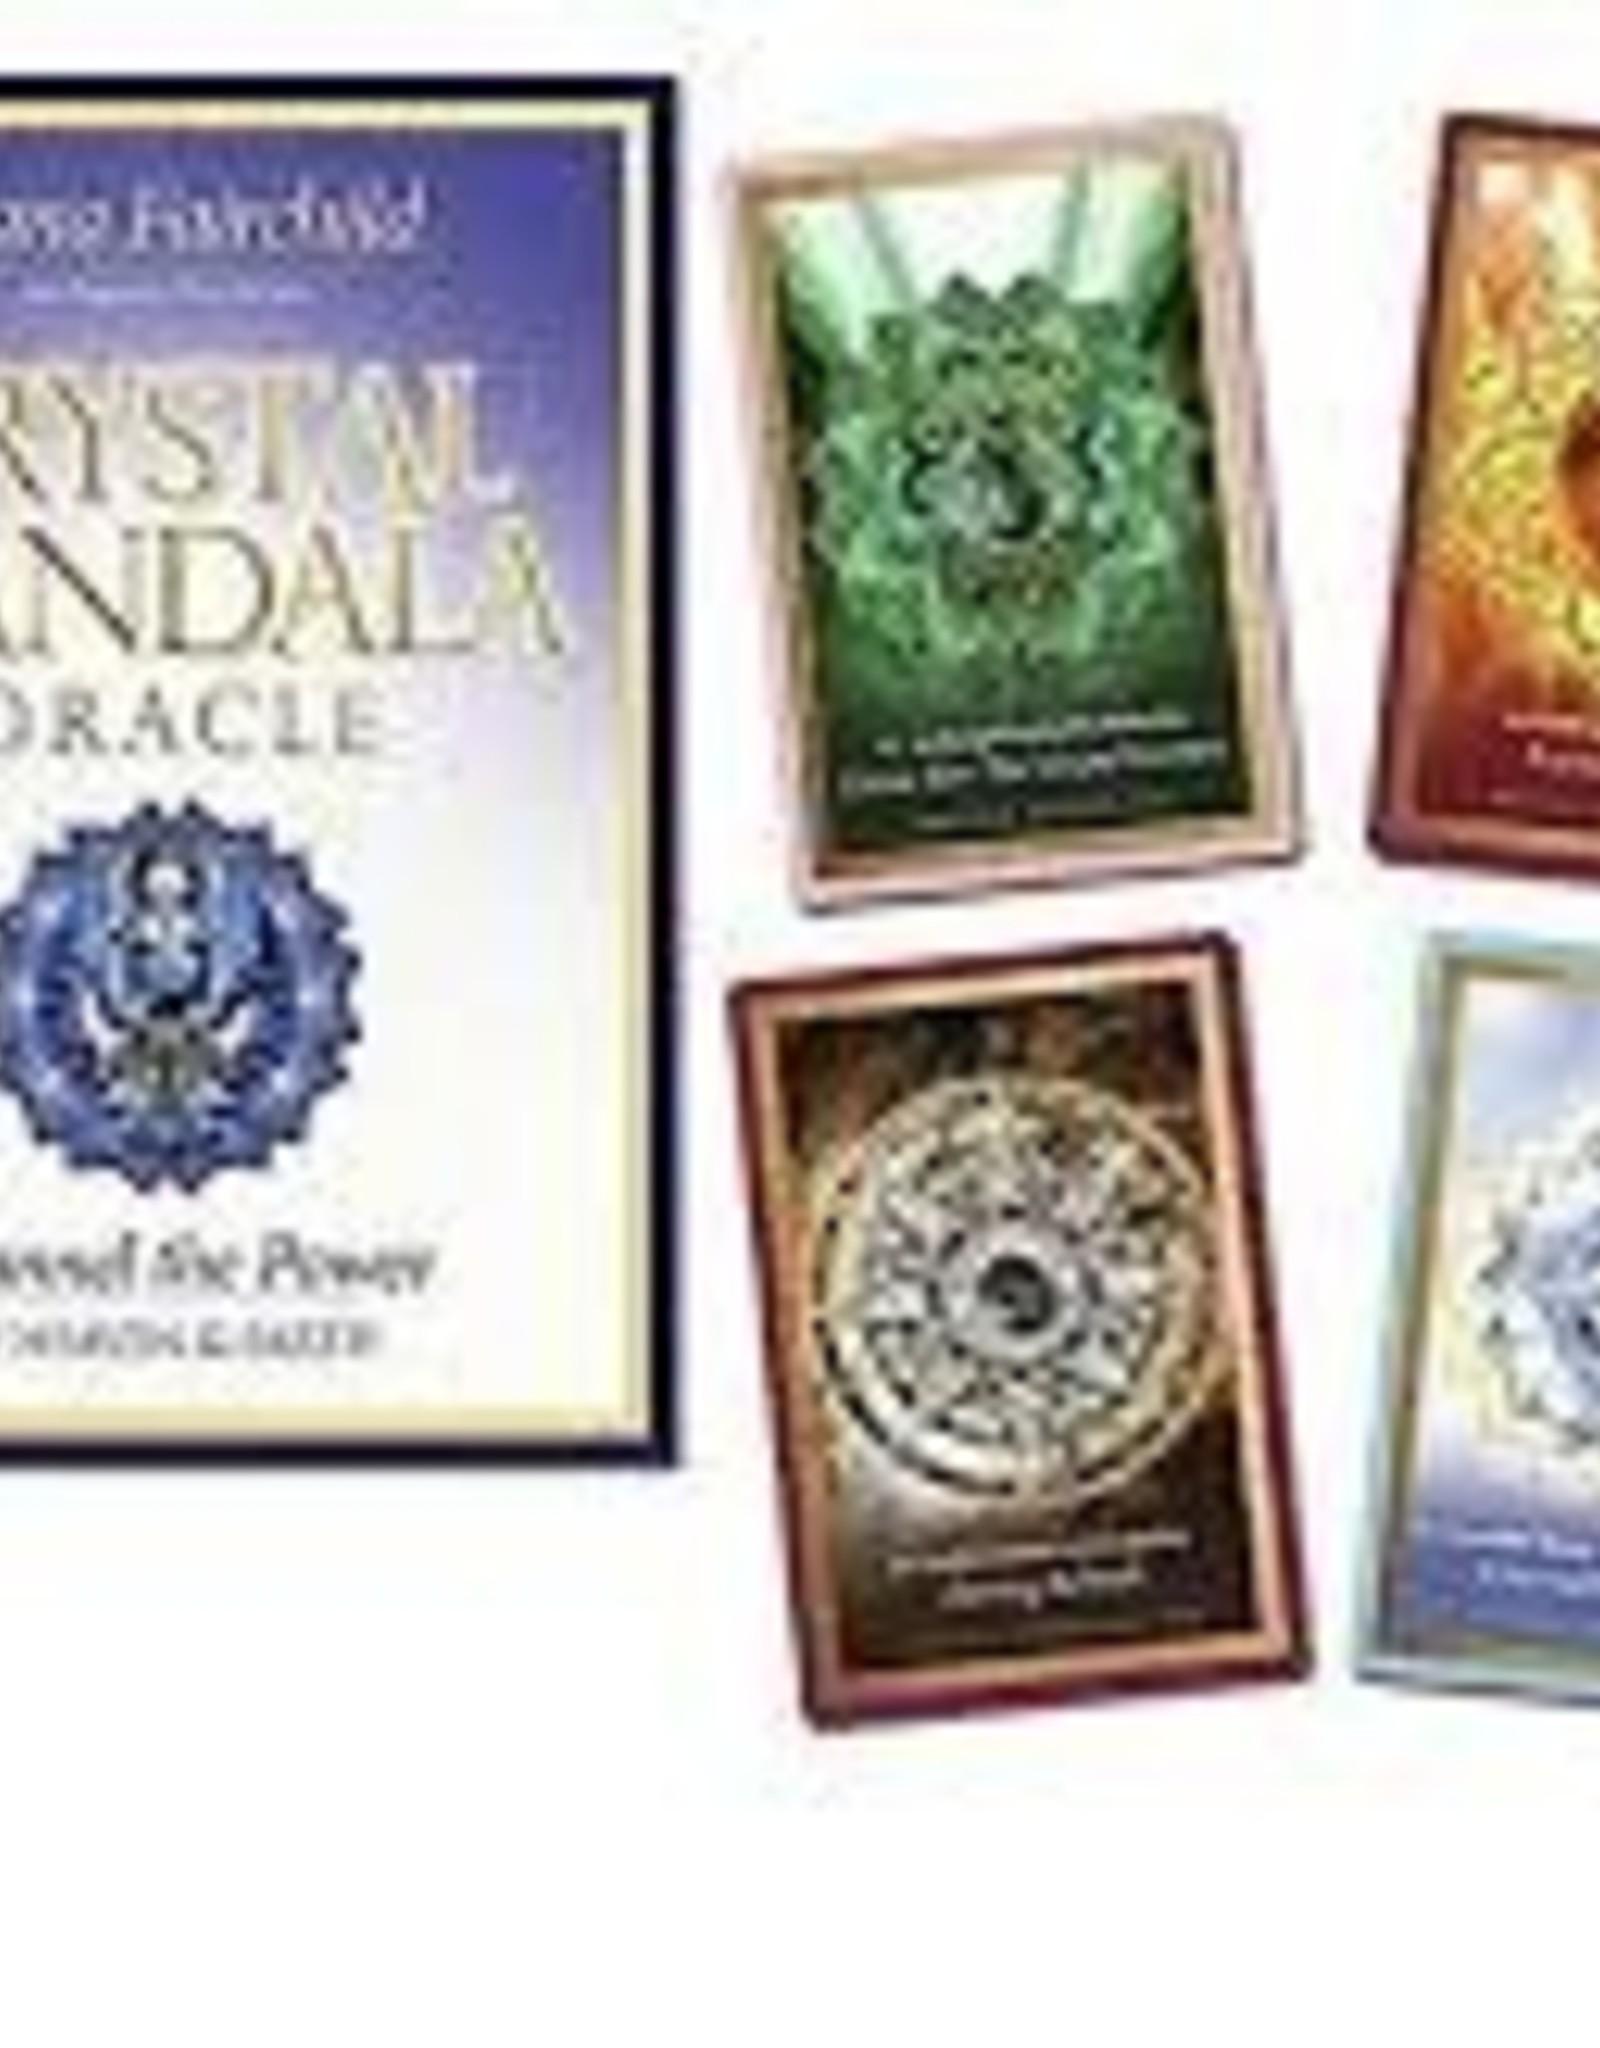 Deck: Crystal Mandala Oracle LLW